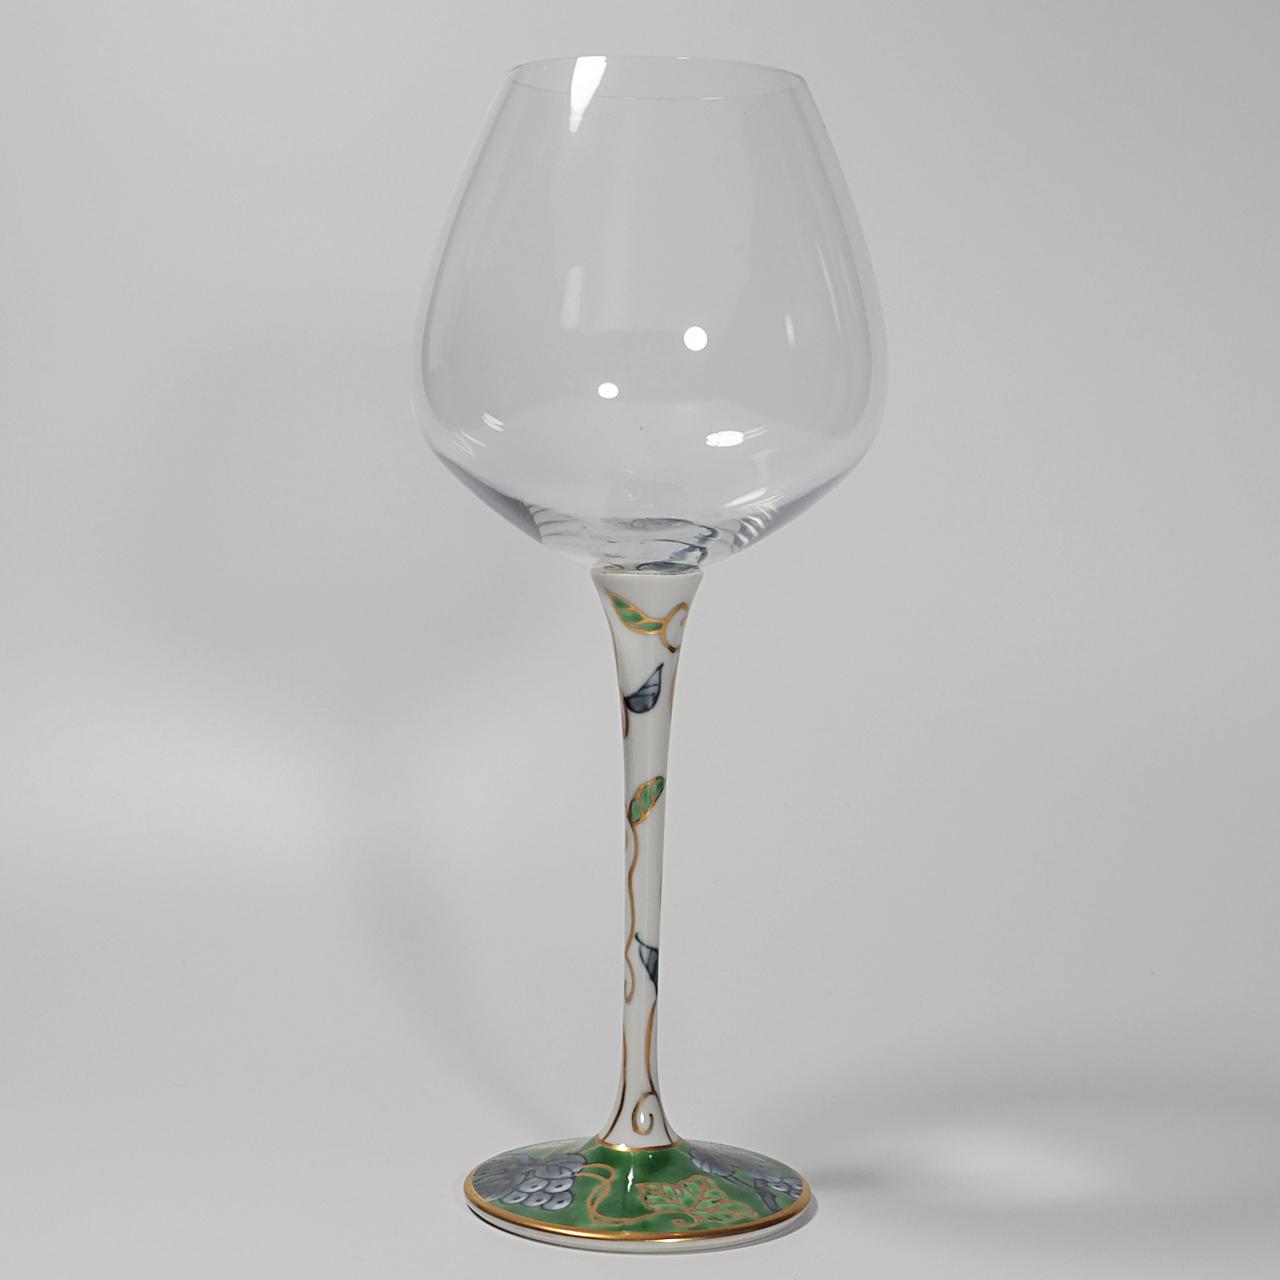 ハイレッグワイングラス(大) (染錦葡萄グリーン) 20-008-C